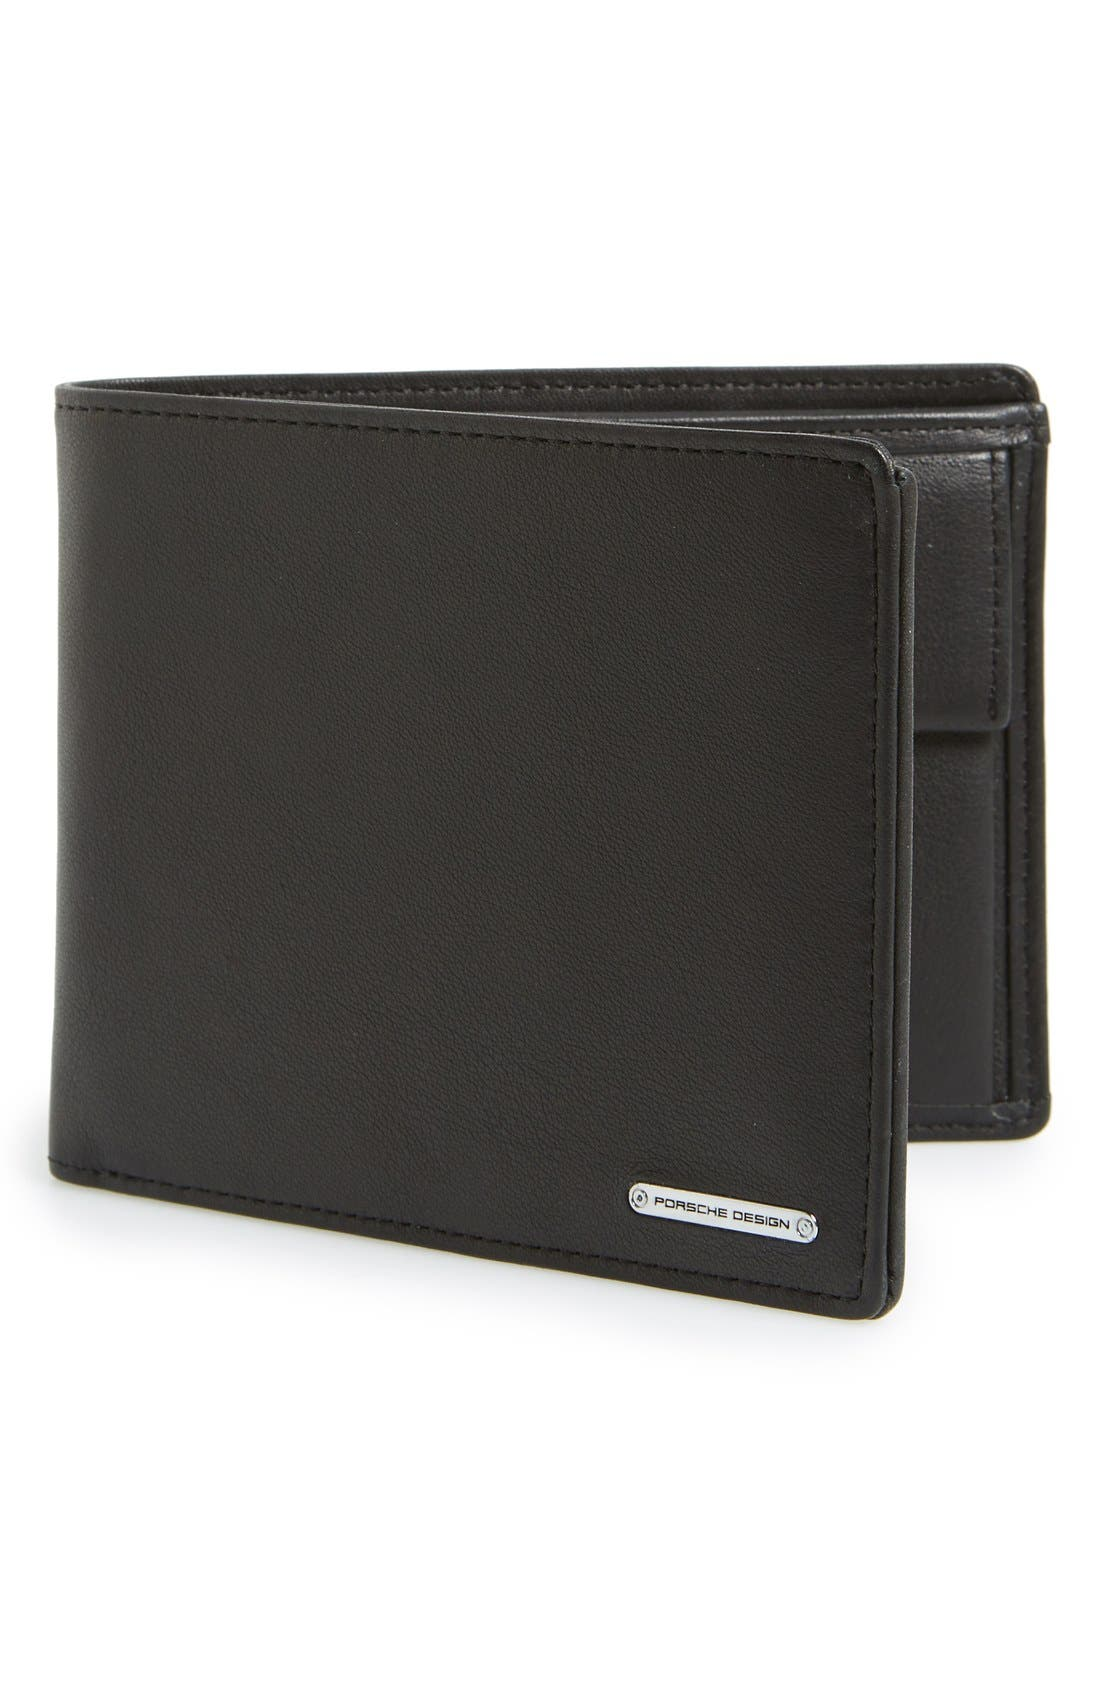 PORSCHE DESIGN 'CL2 2.0' Leather Billfold Wallet